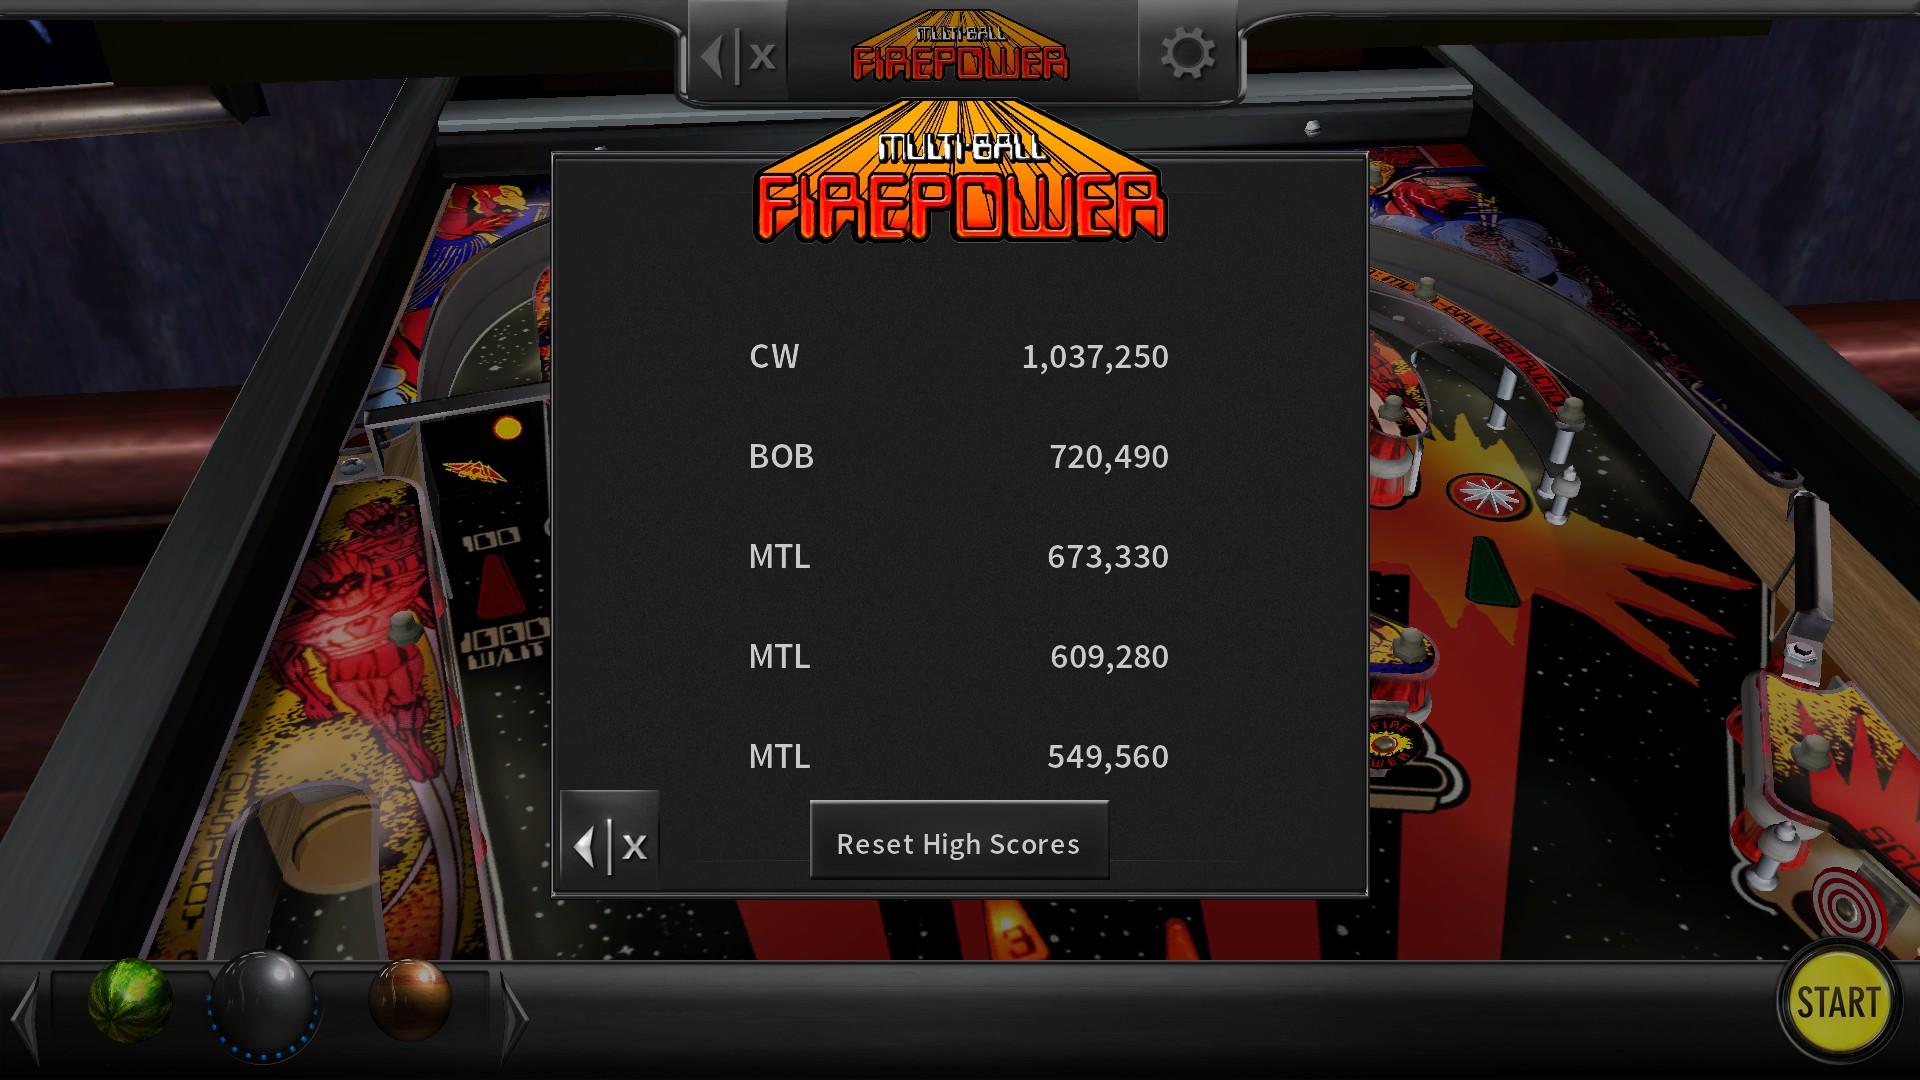 Pinball Arcade: Firepower 673,330 points